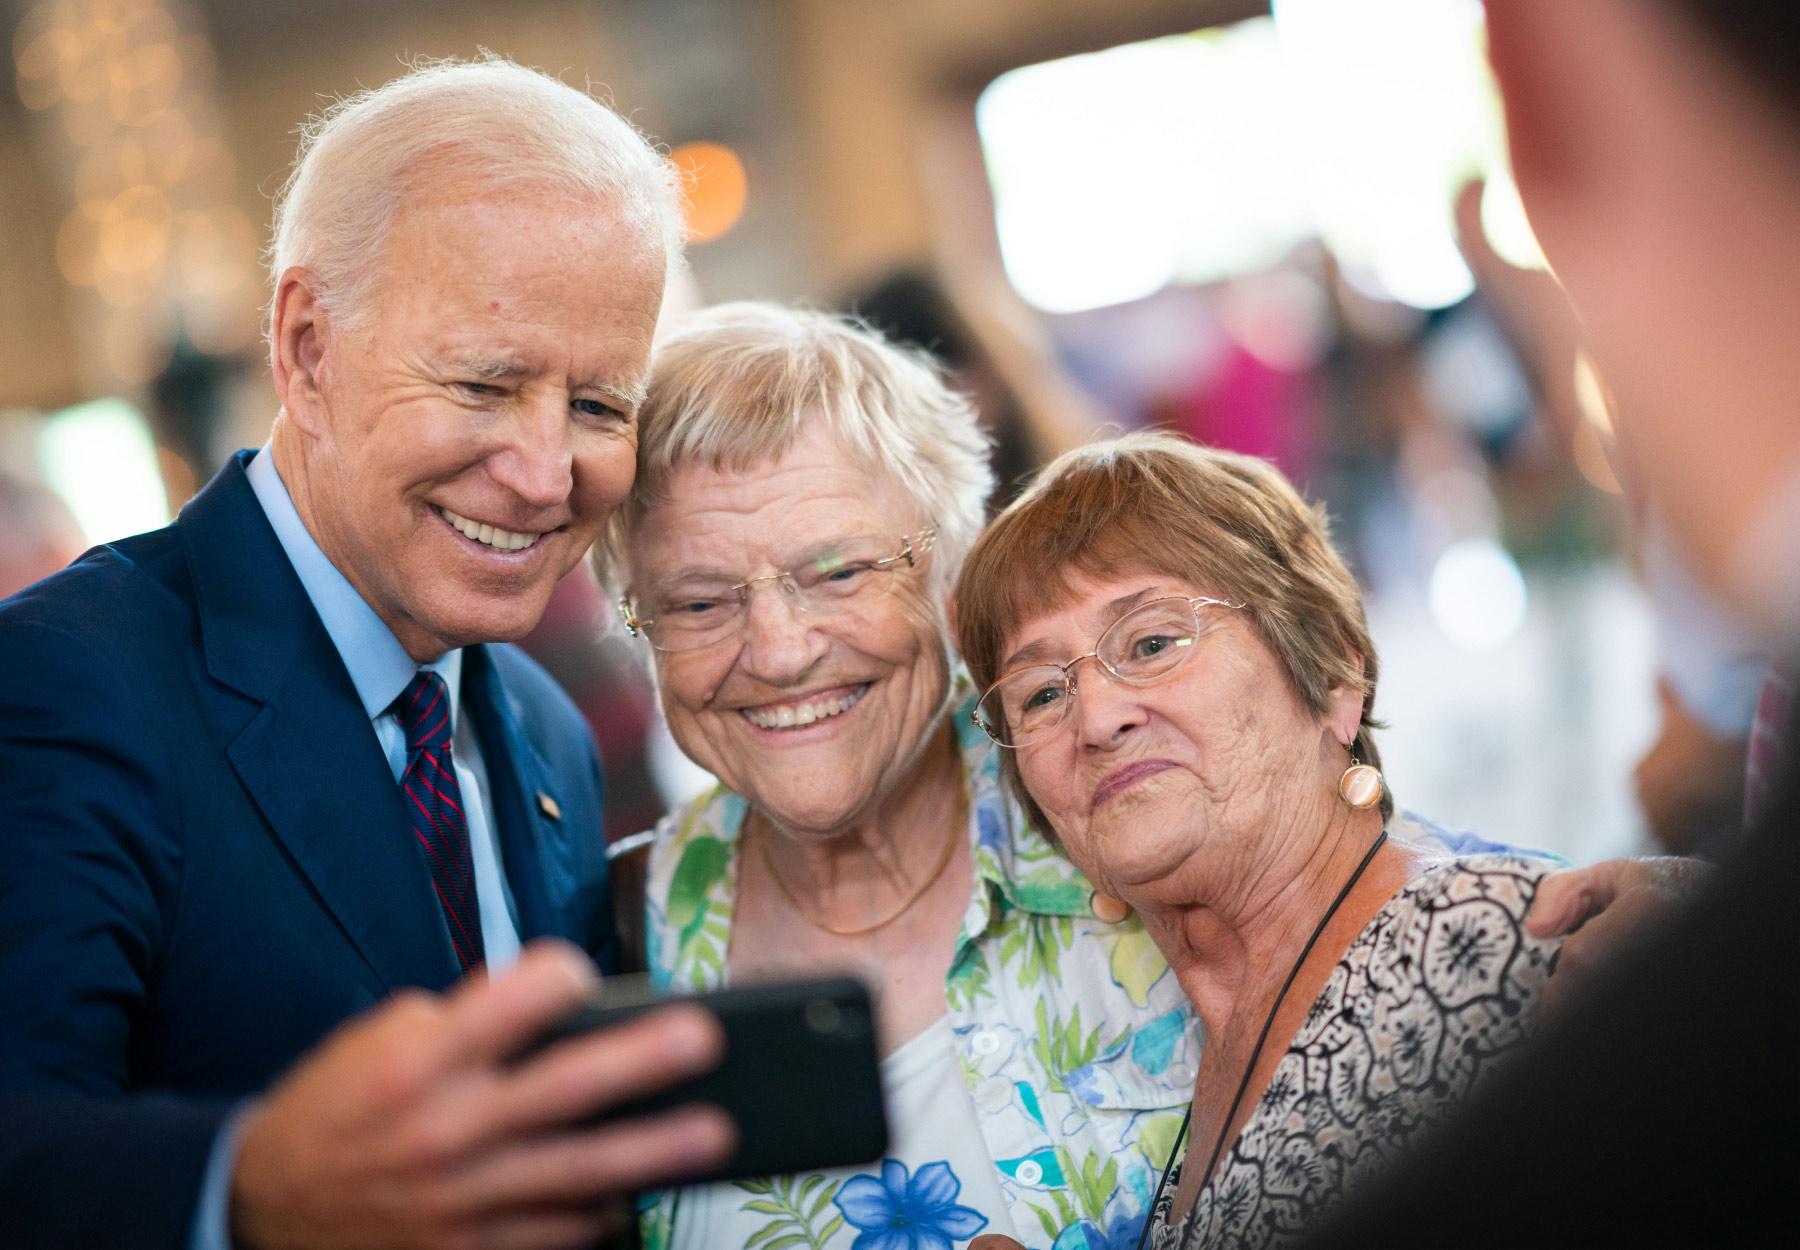 El presidente Joe Biden se toma una foto con los participantes durante un evento en Burlington, Iowa